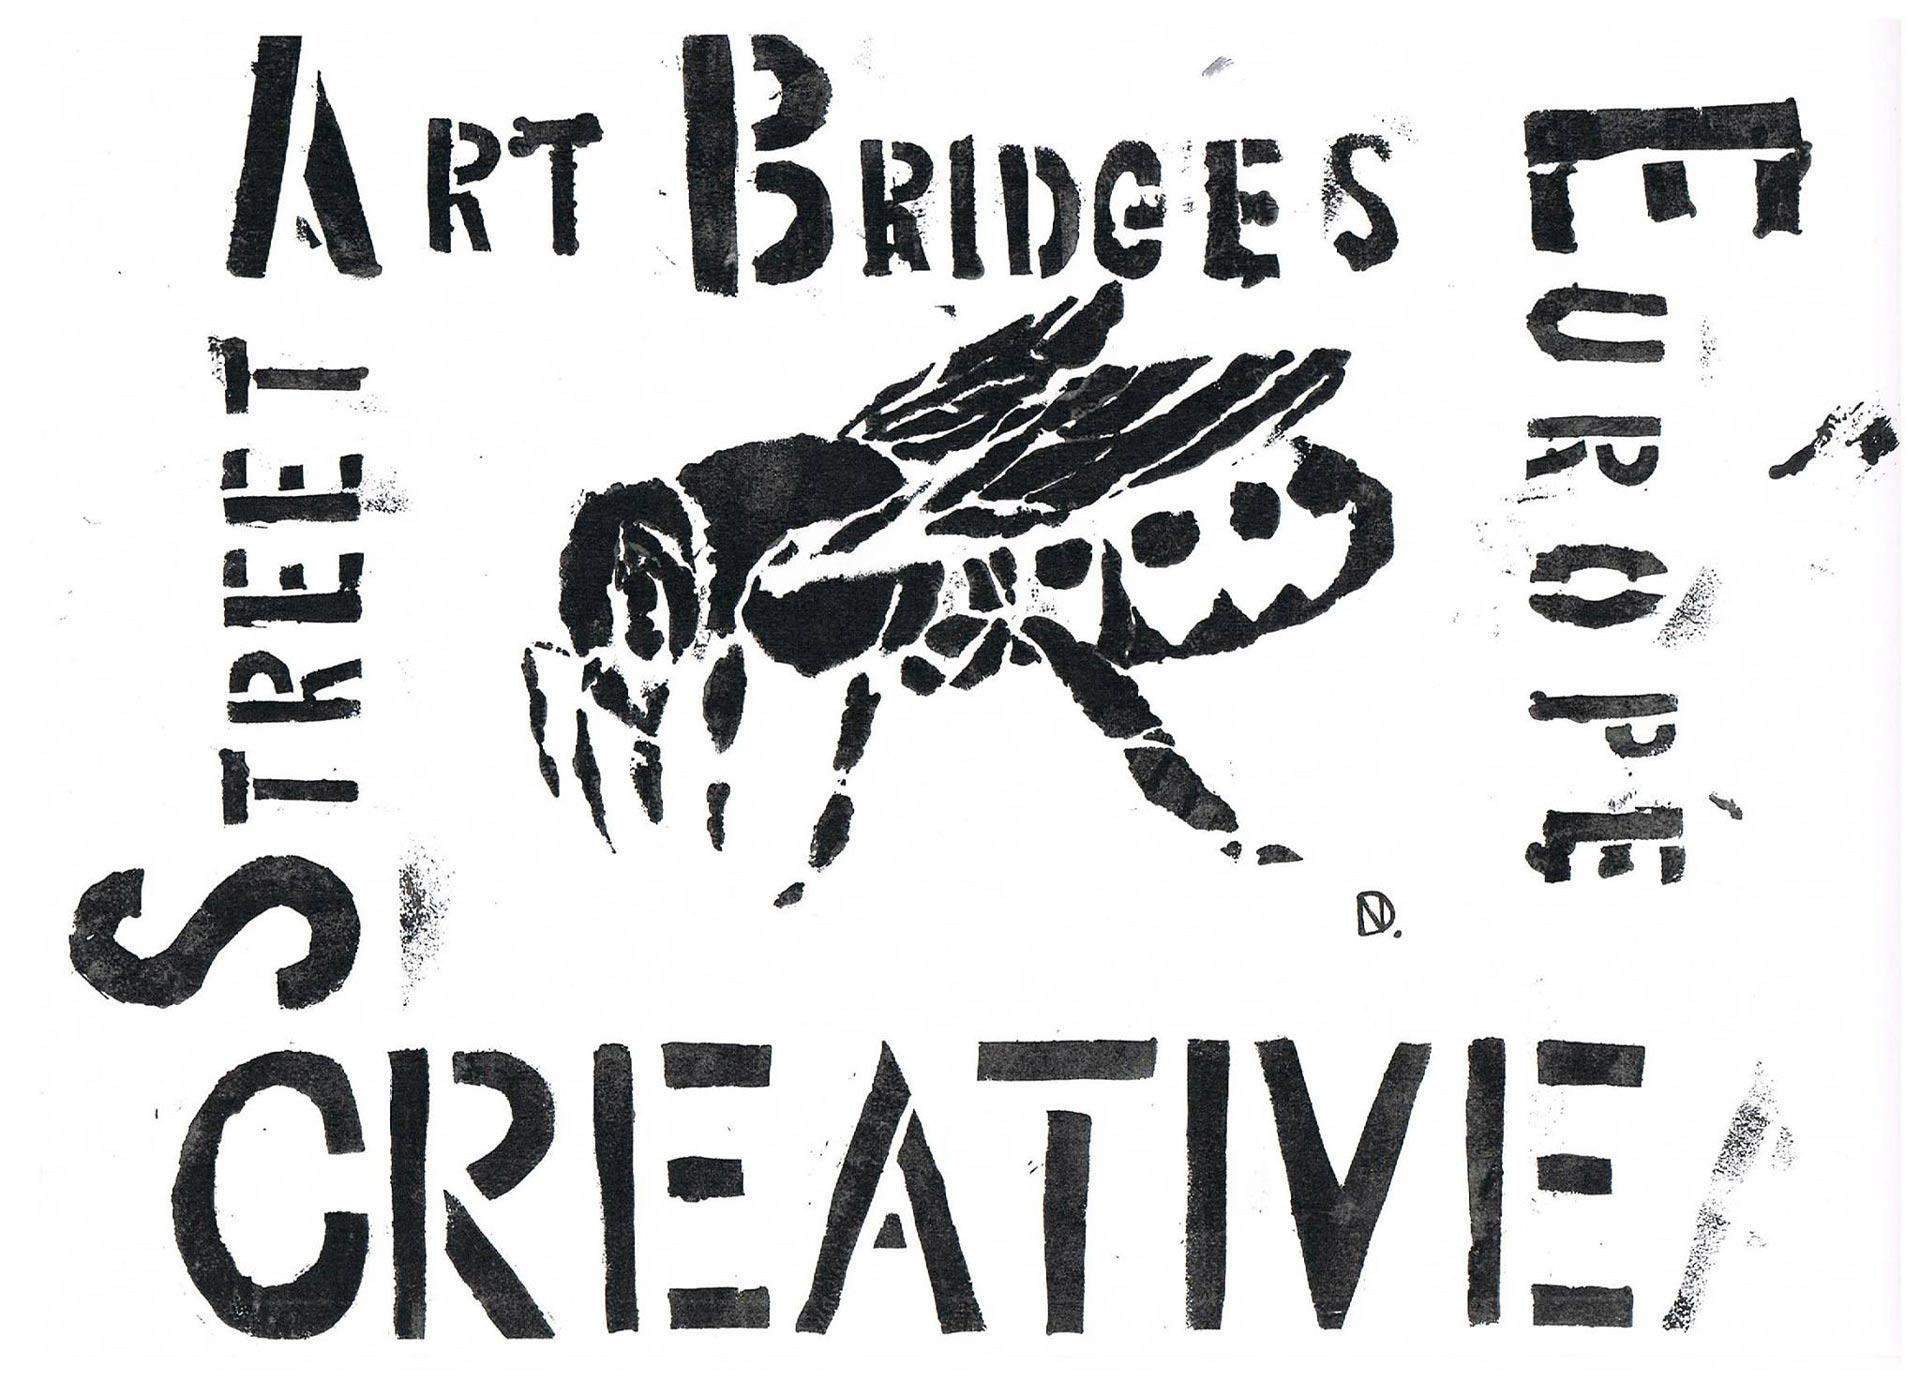 Mit Graffiti Europa besser verstehen – Streetart bridges Europe (SABE)